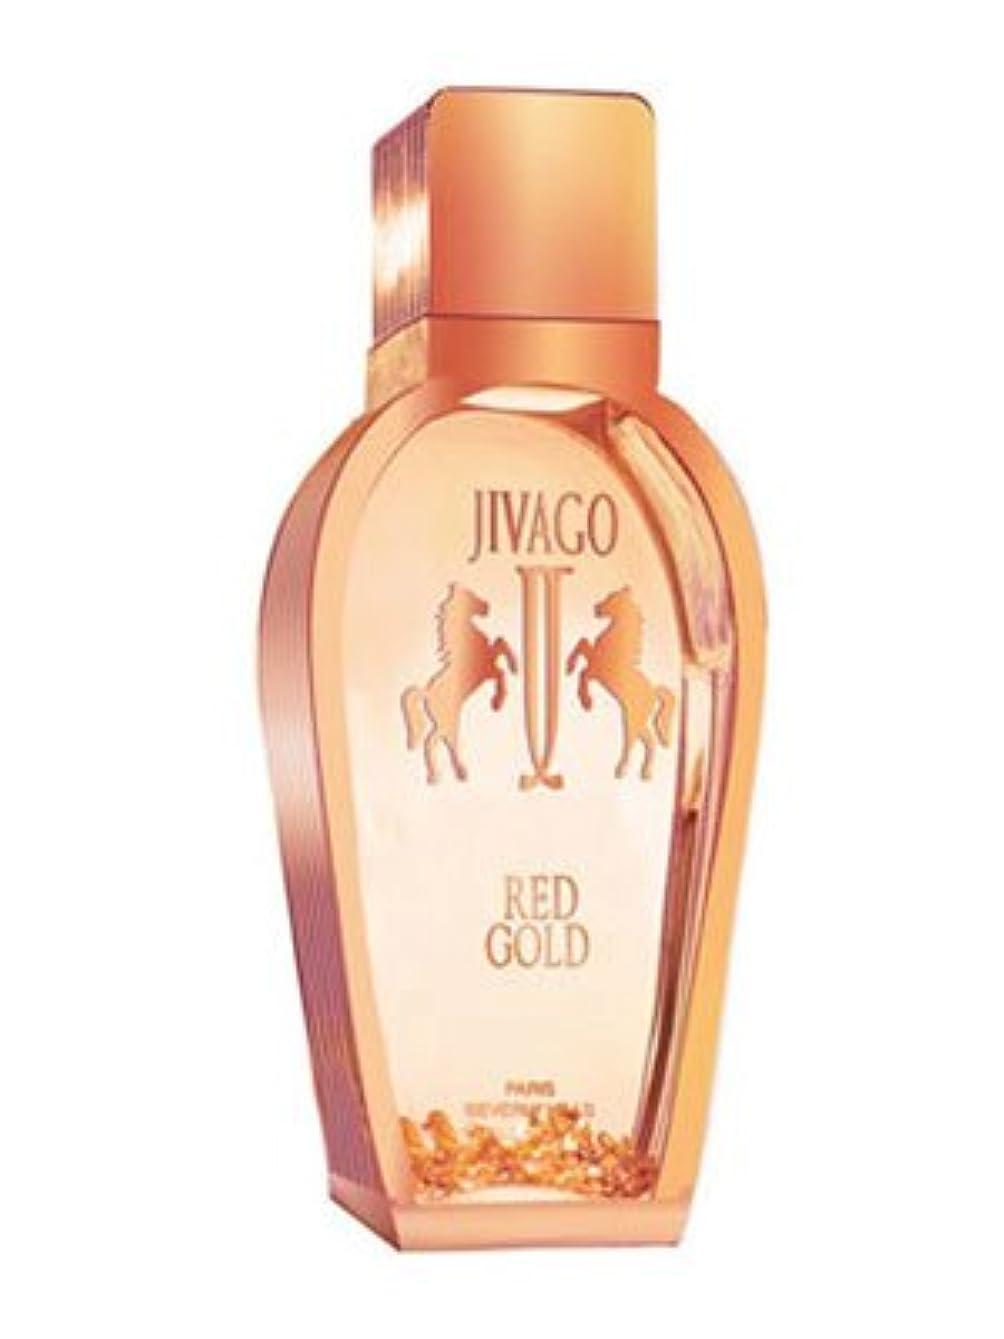 まっすぐドアミラー霧深いJivago Red Gold 3.4 oz (100ml) EDP Spray by Jivago for Men